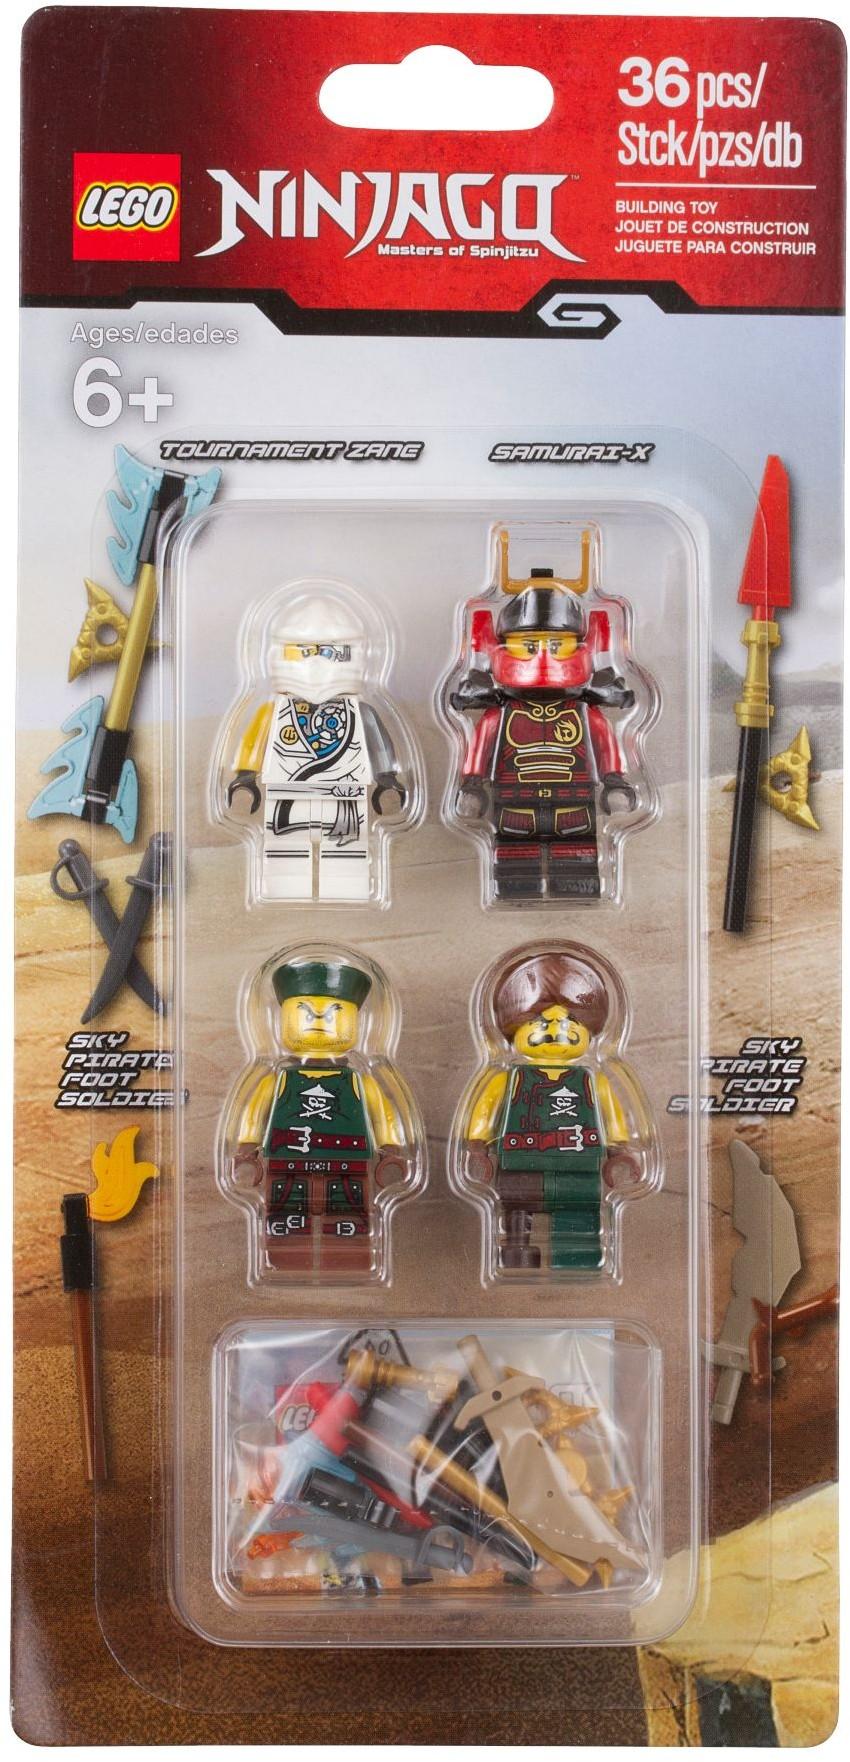 Sqiffy Zane Cyren Nya -Kai -Clouse LEGO Ninjago Figuren Cole -Krait